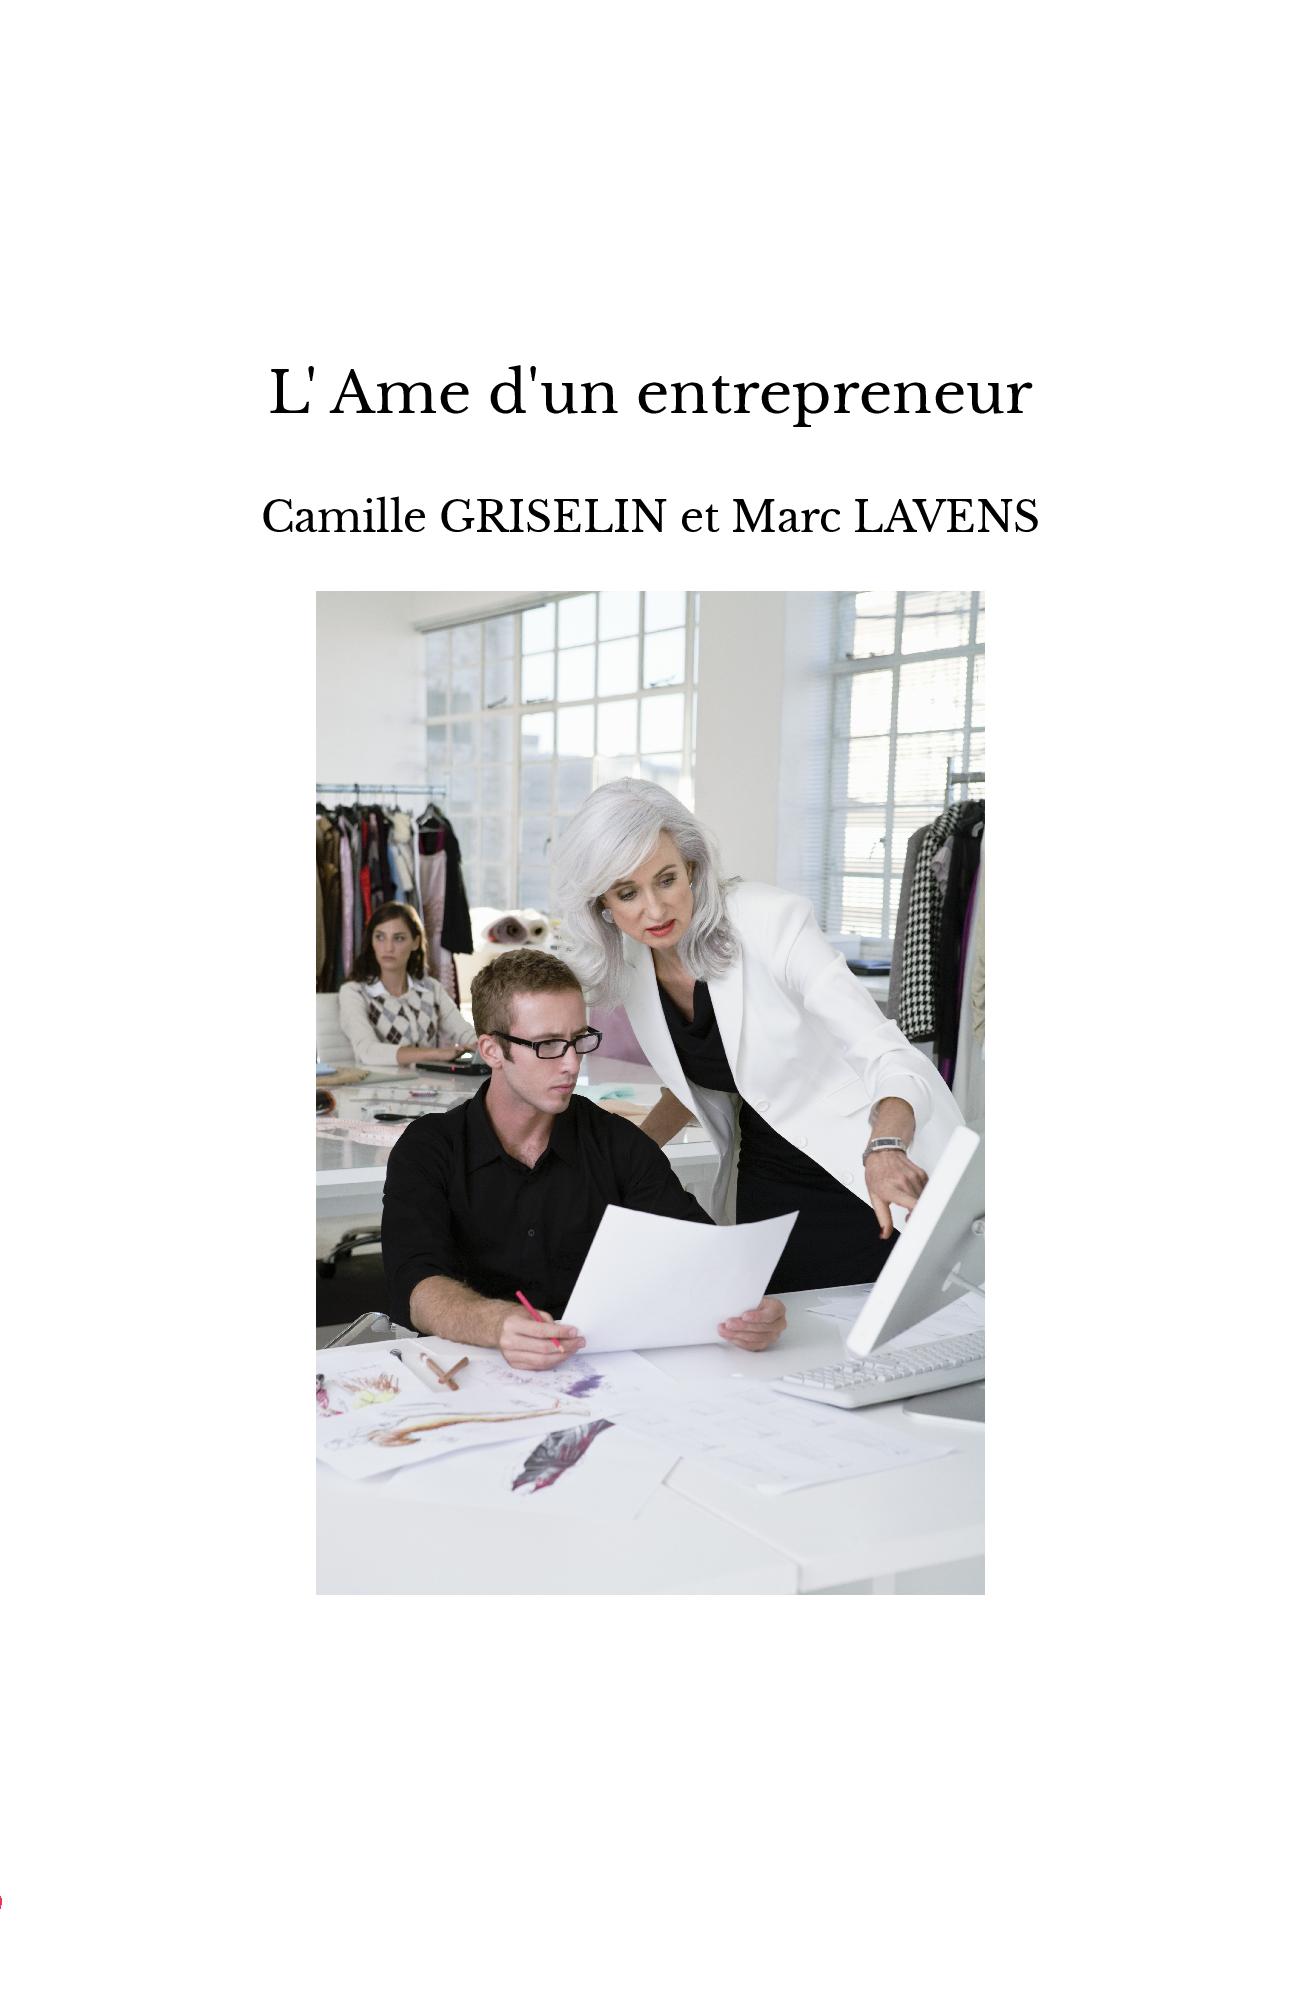 L' Ame d'un entrepreneur